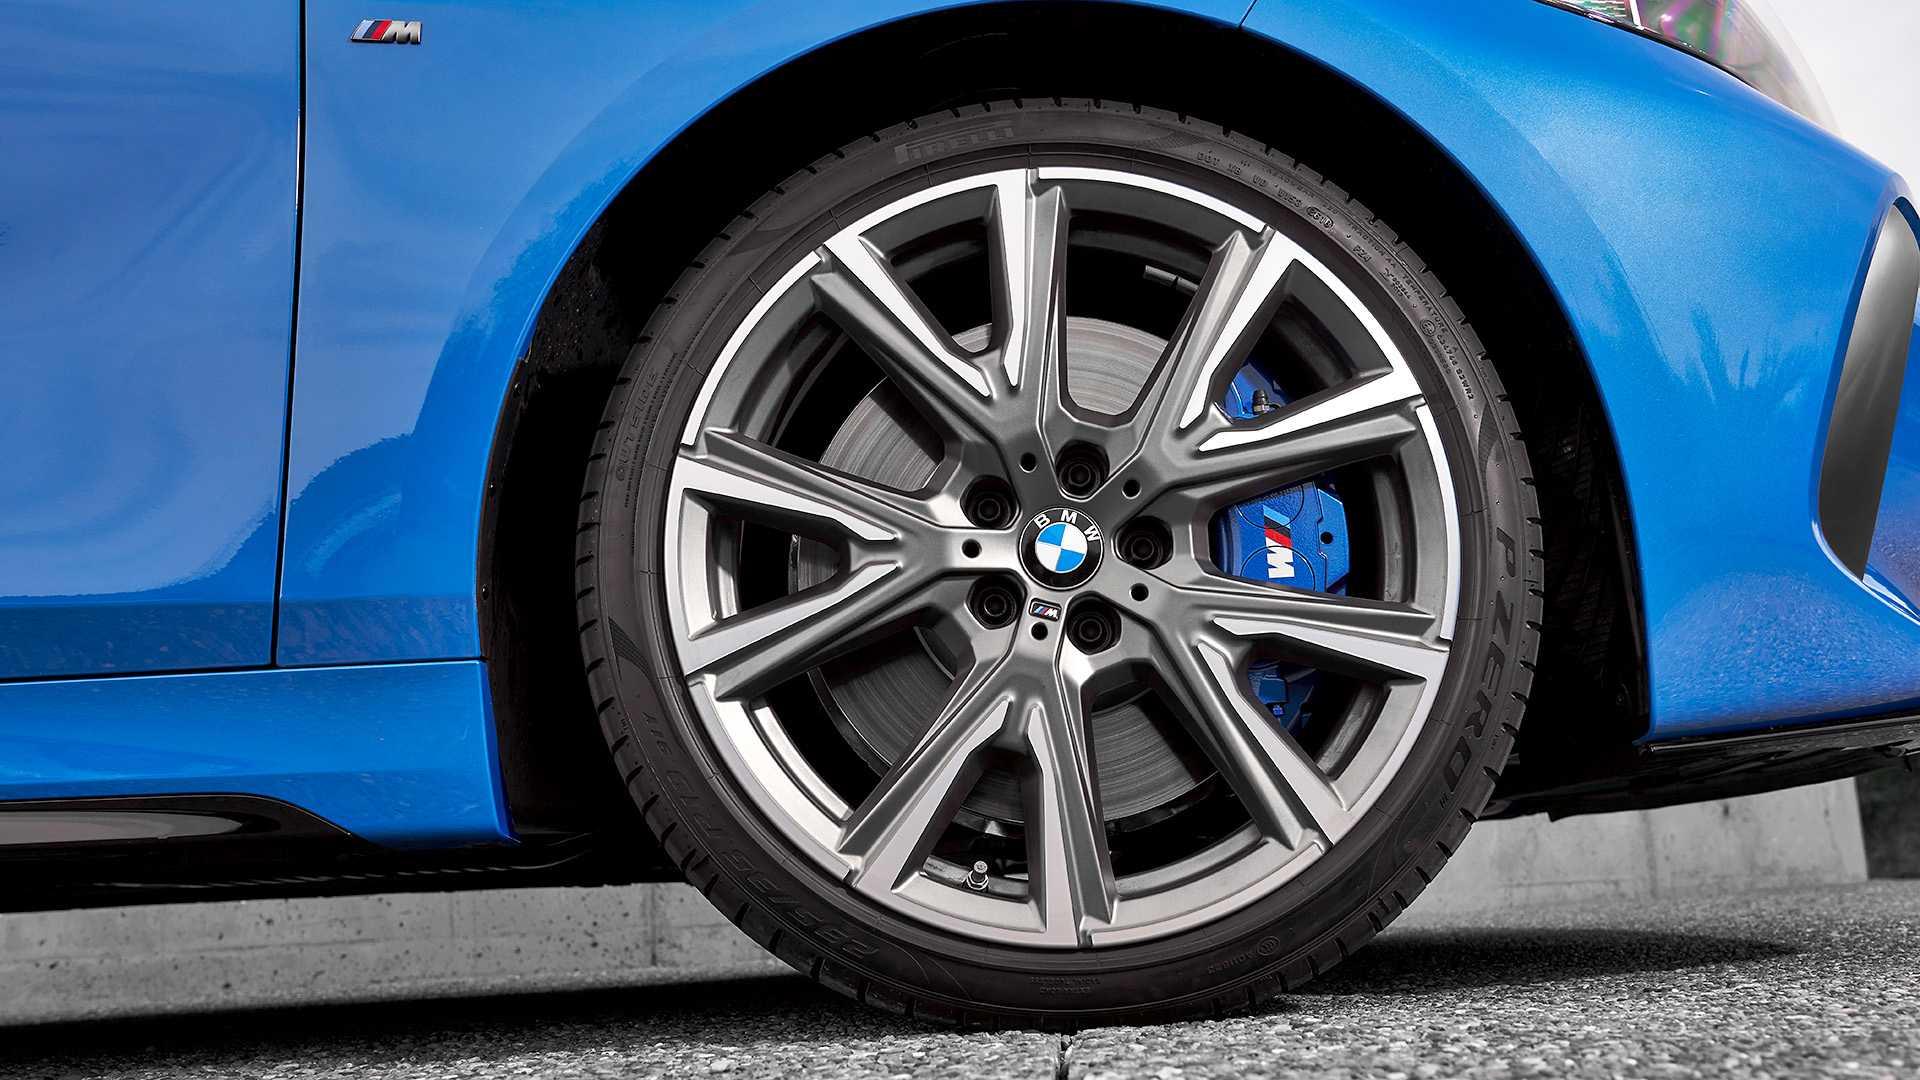 BMW 1 Series thế hệ mới, chiếc hatchback cỡ nhỏ chất không kém đàn anh X2 5